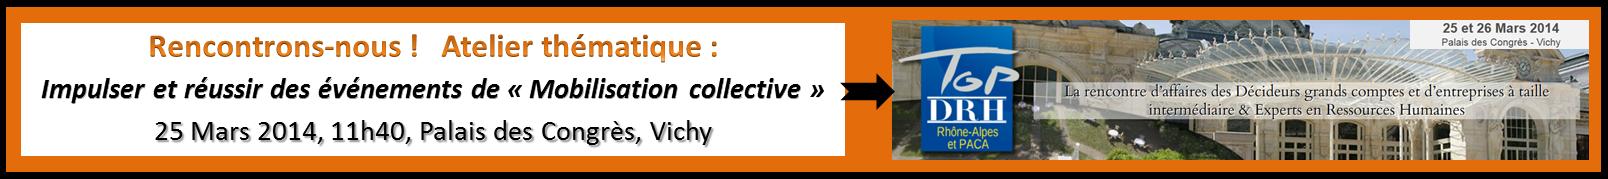 Atelier thématique : Impulser et réussir des événements de « Mobilisation collective », Top DRH, 25 Mars 2014, 11h40, Vichy